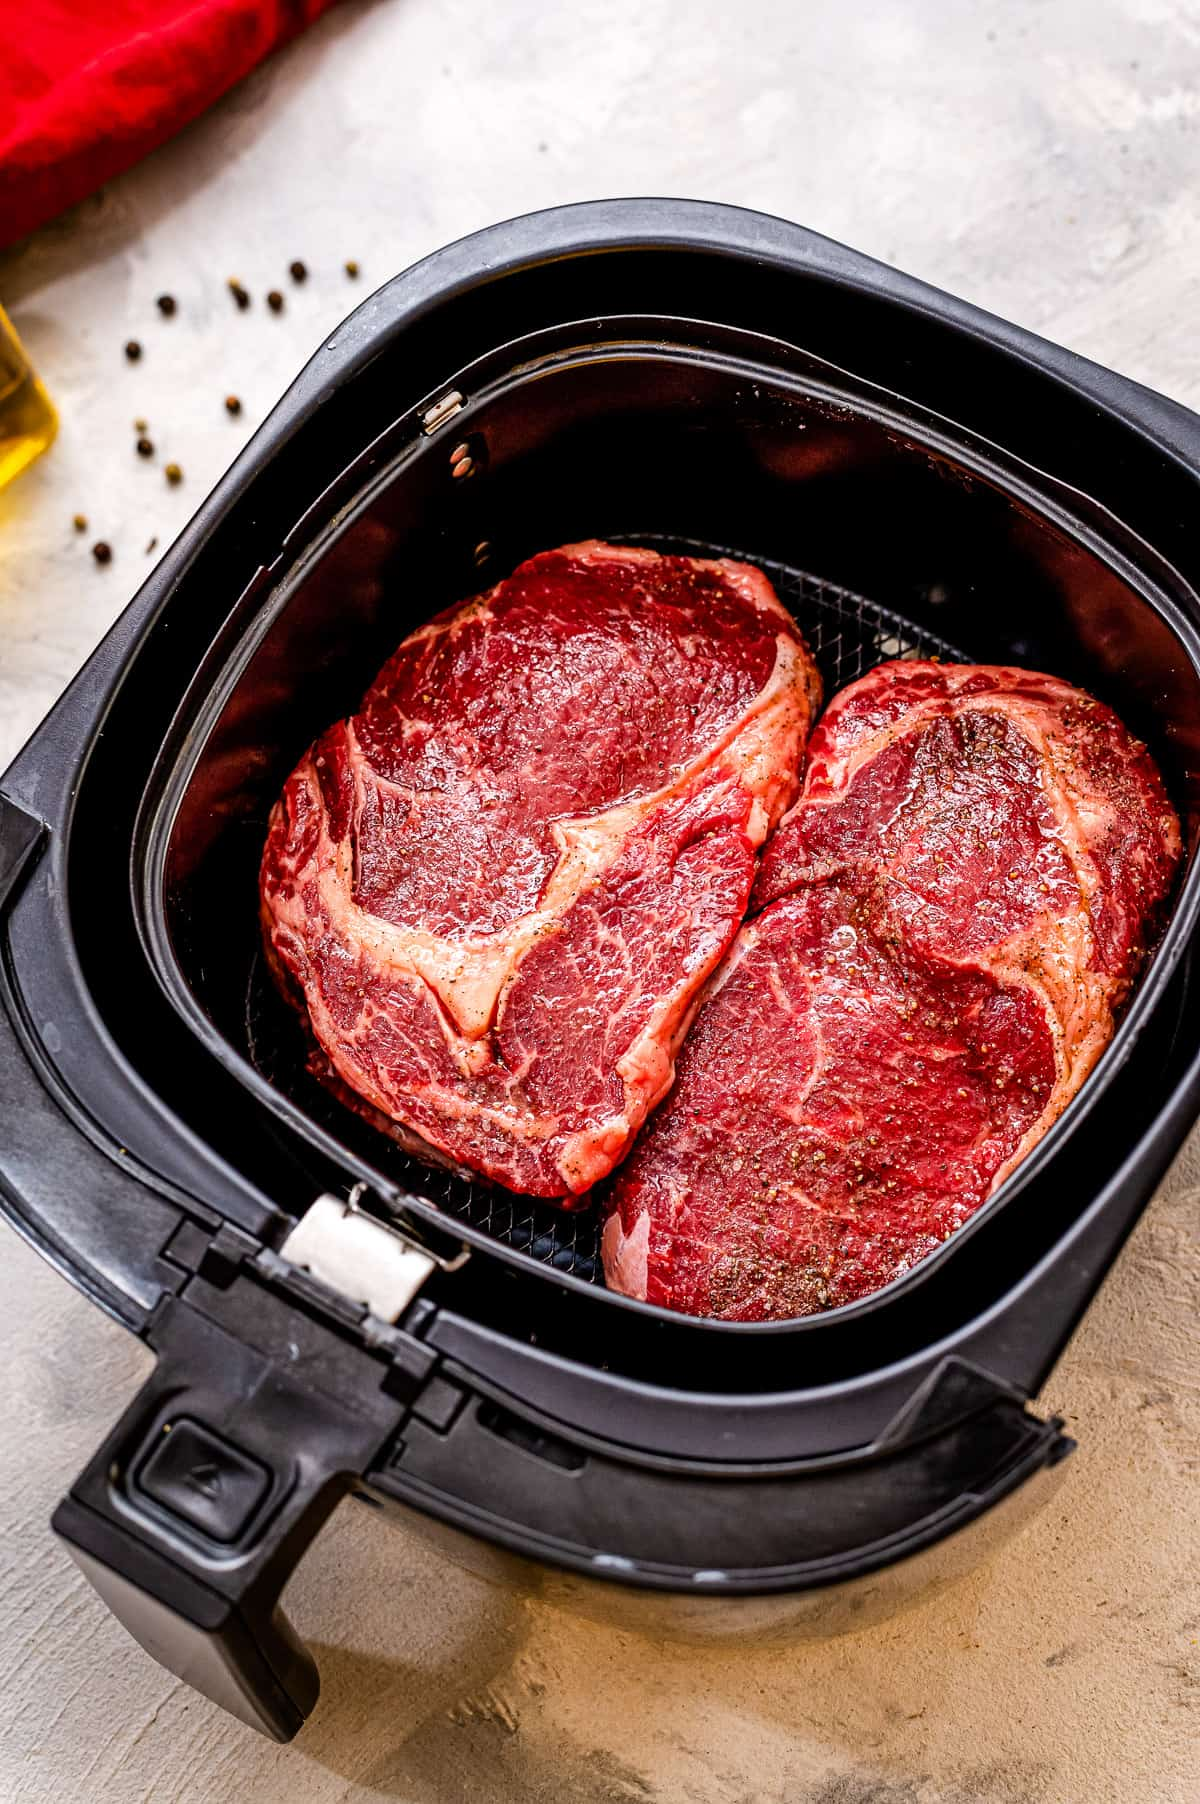 Two raw steaks in an air fryer basket